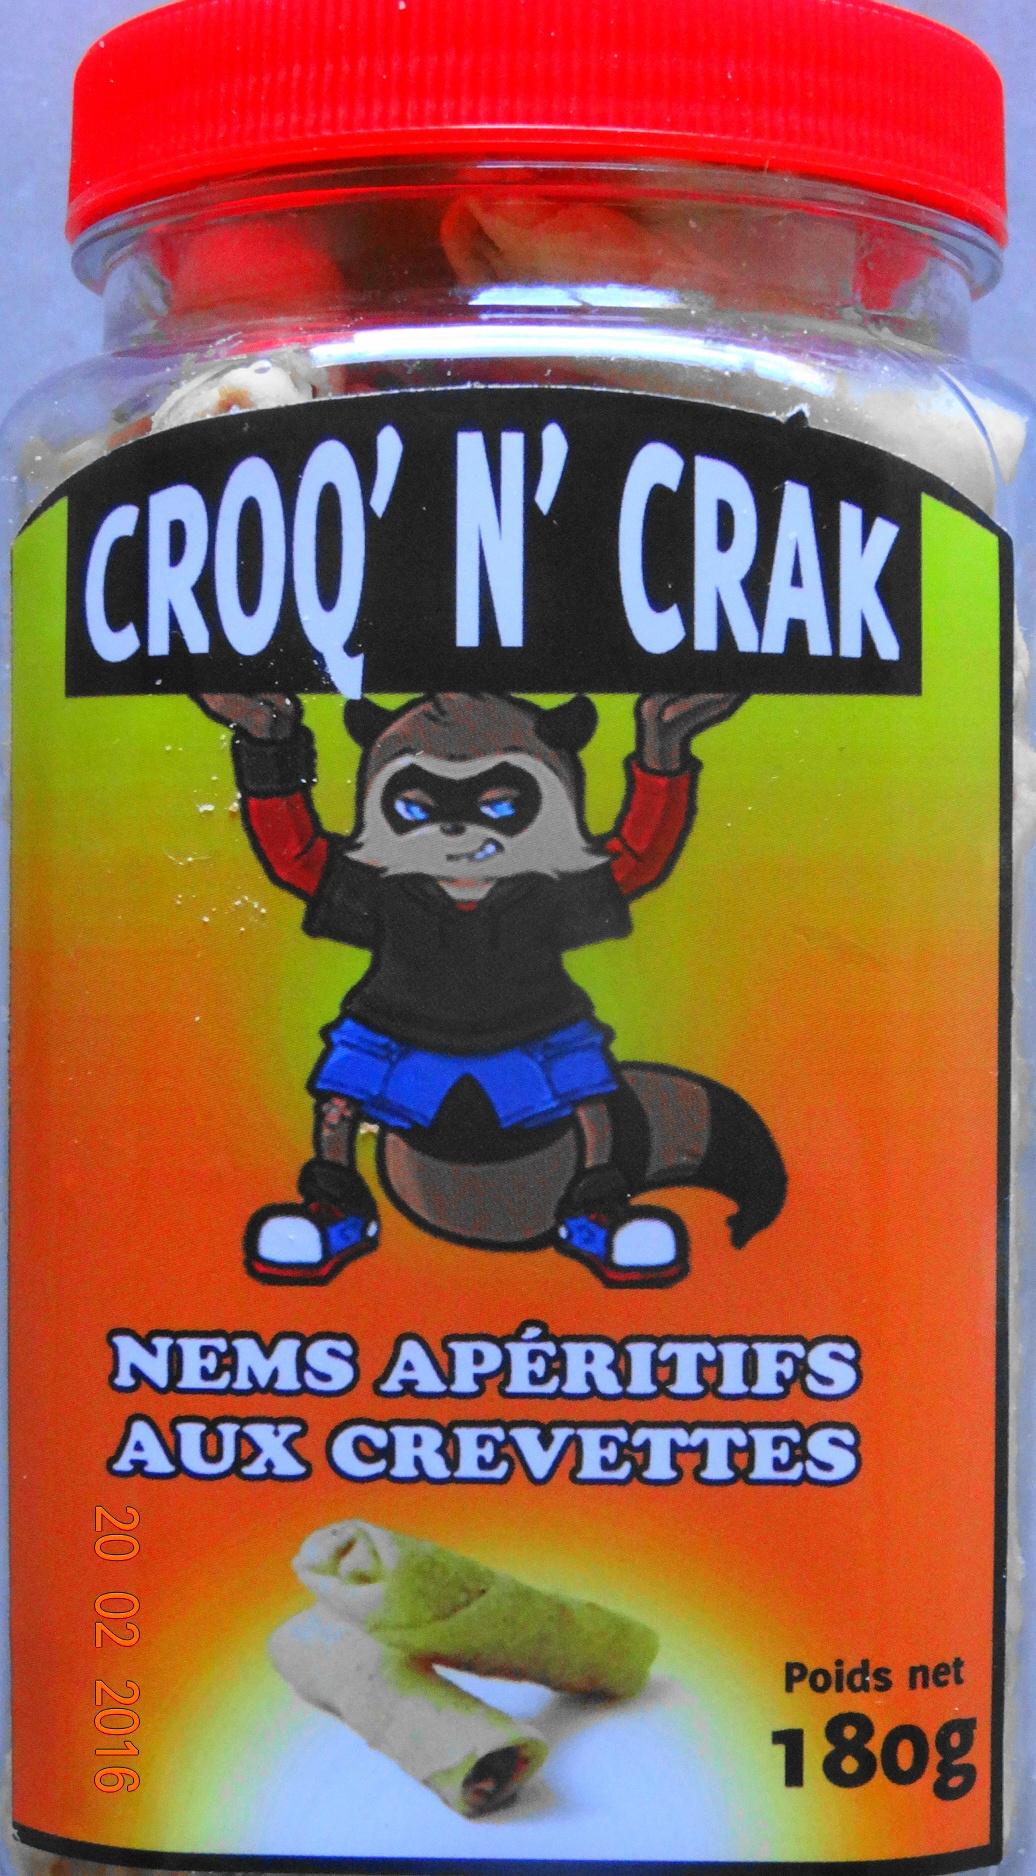 Nems apéritifs aux crevettes - Product - fr